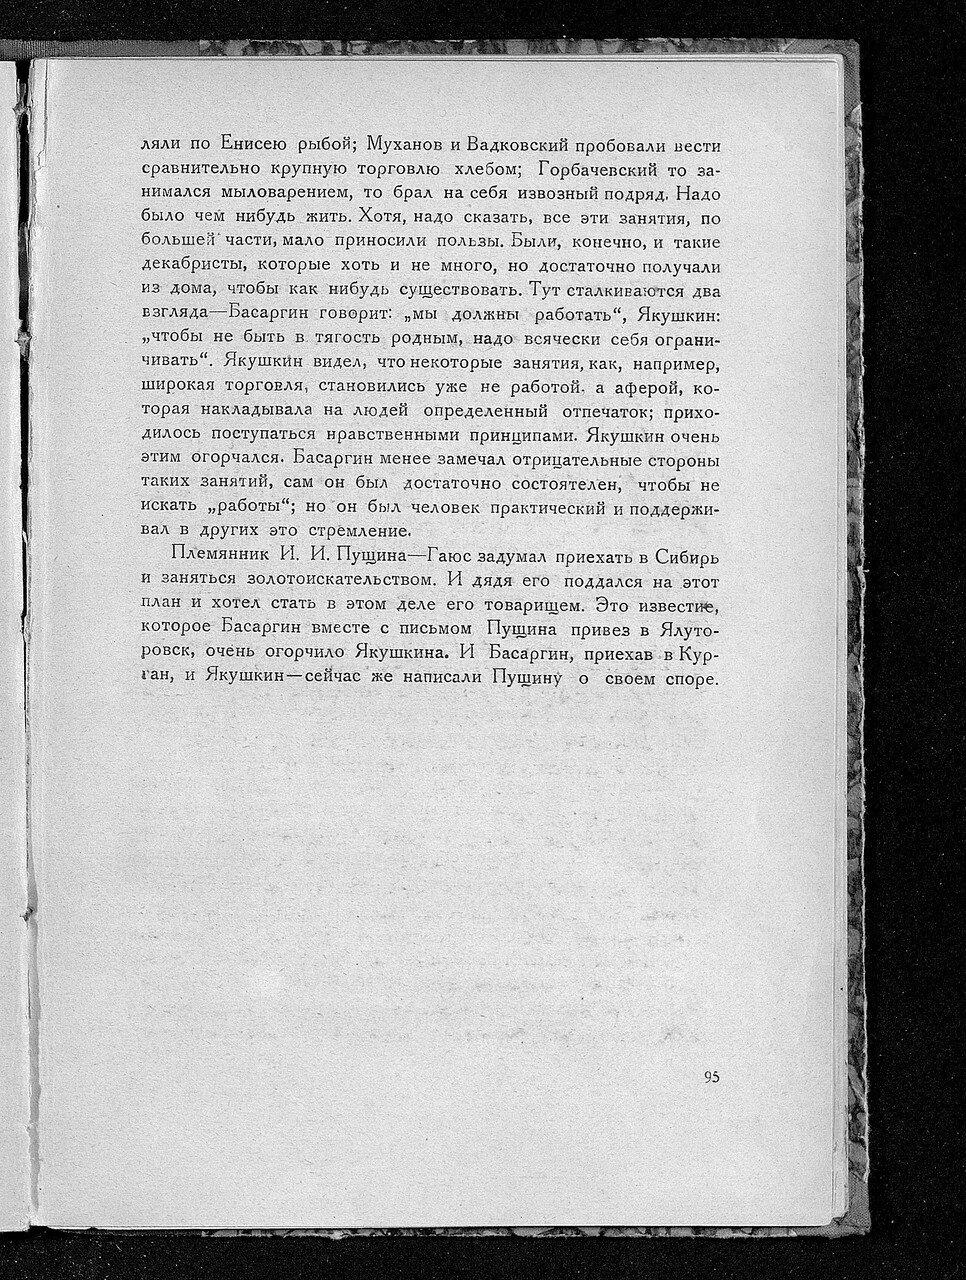 https://img-fotki.yandex.ru/get/879536/199368979.a1/0_21435a_2ea0a829_XXXL.jpg